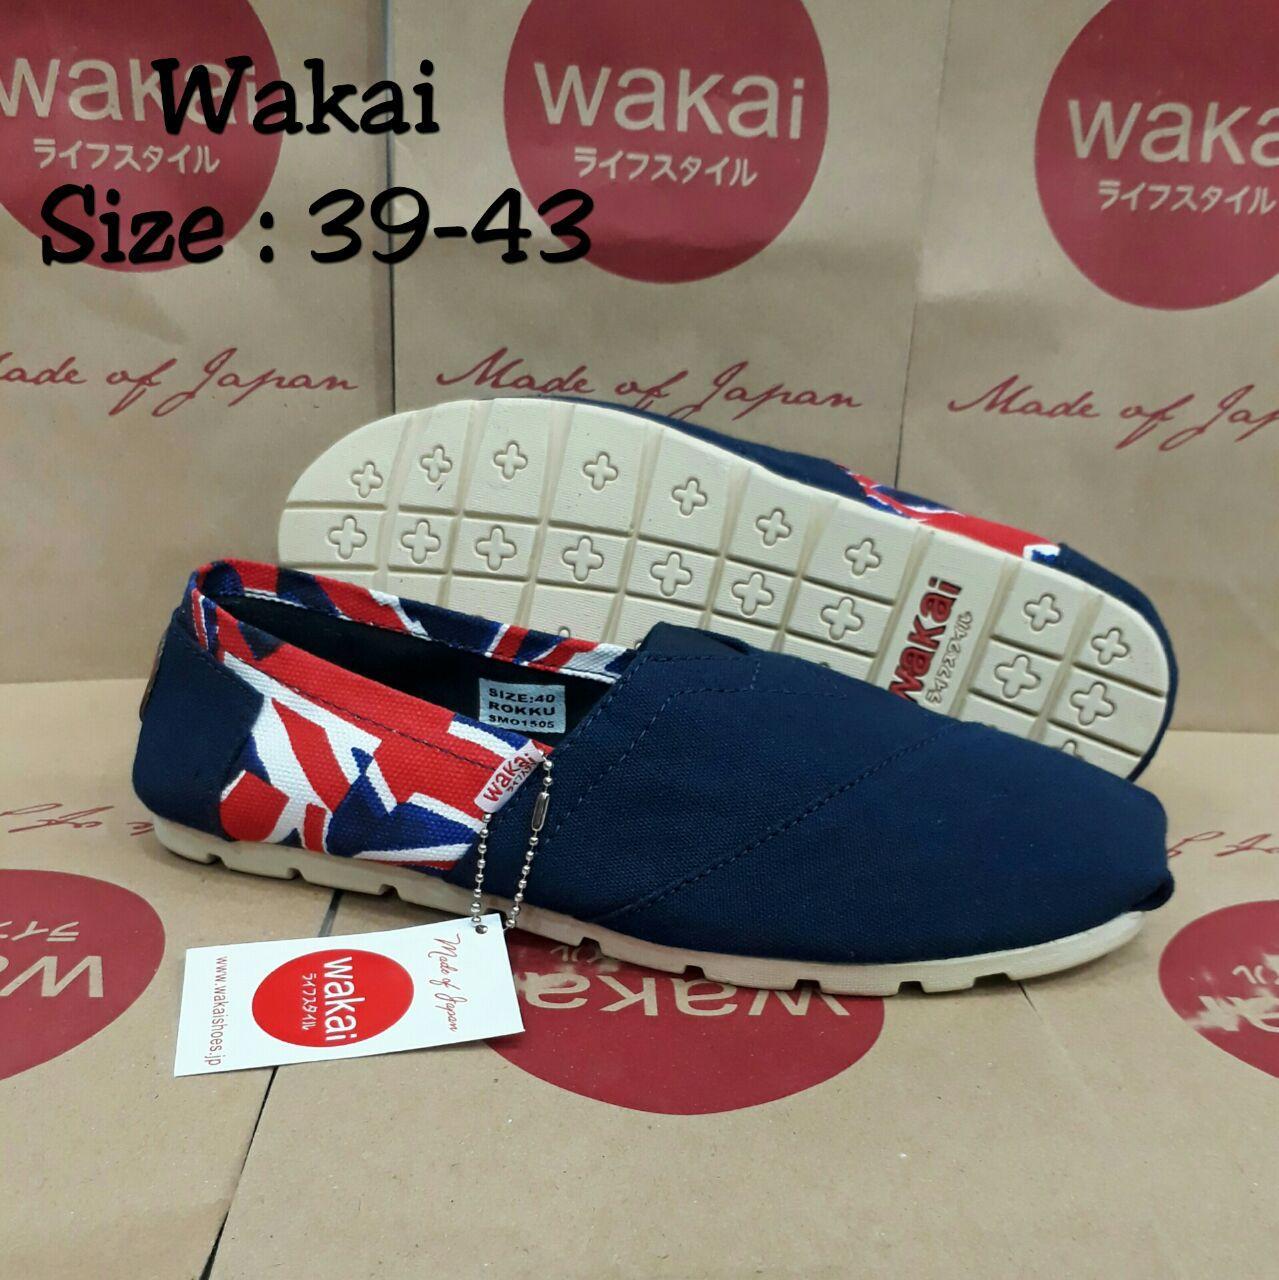 wakai navy new flag uk39-43